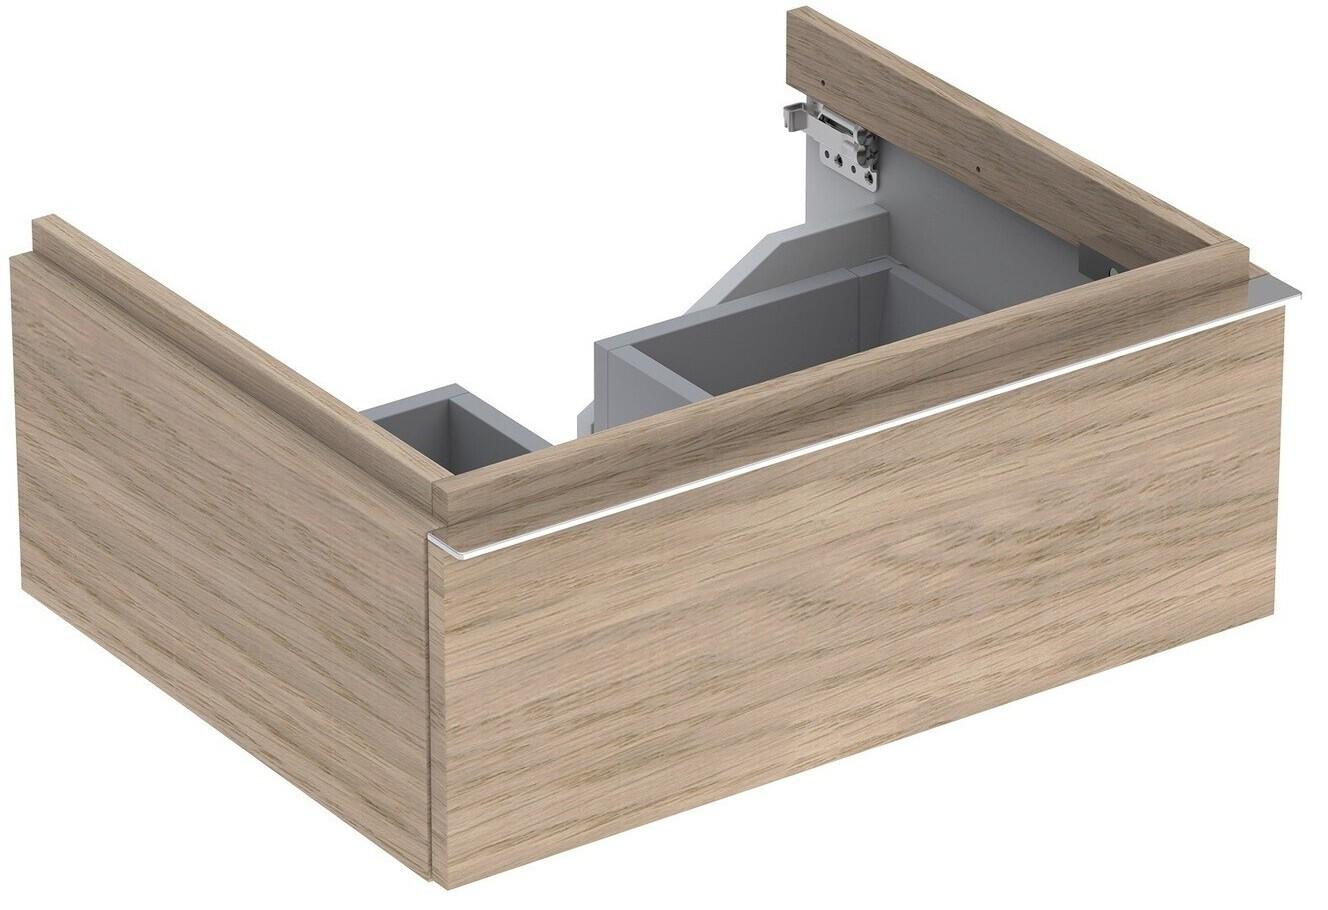 Meuble bas pour lavabo Geberit iCon 60 cm avec un tiroir en chêne naturel